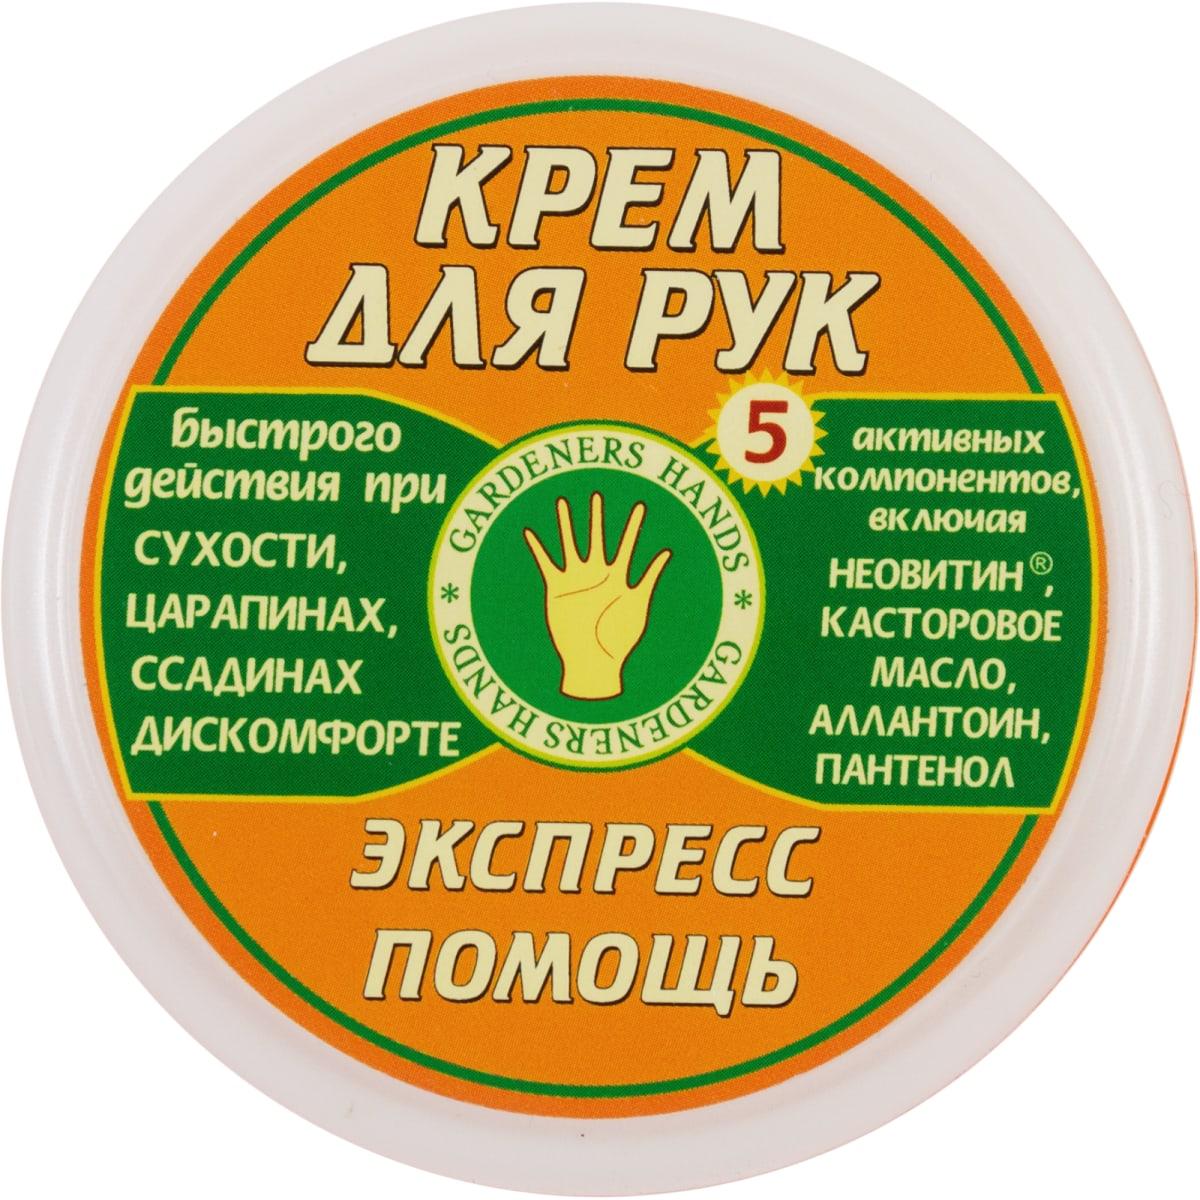 Крем для рук Gardeners Hands «Экспресс помощь»